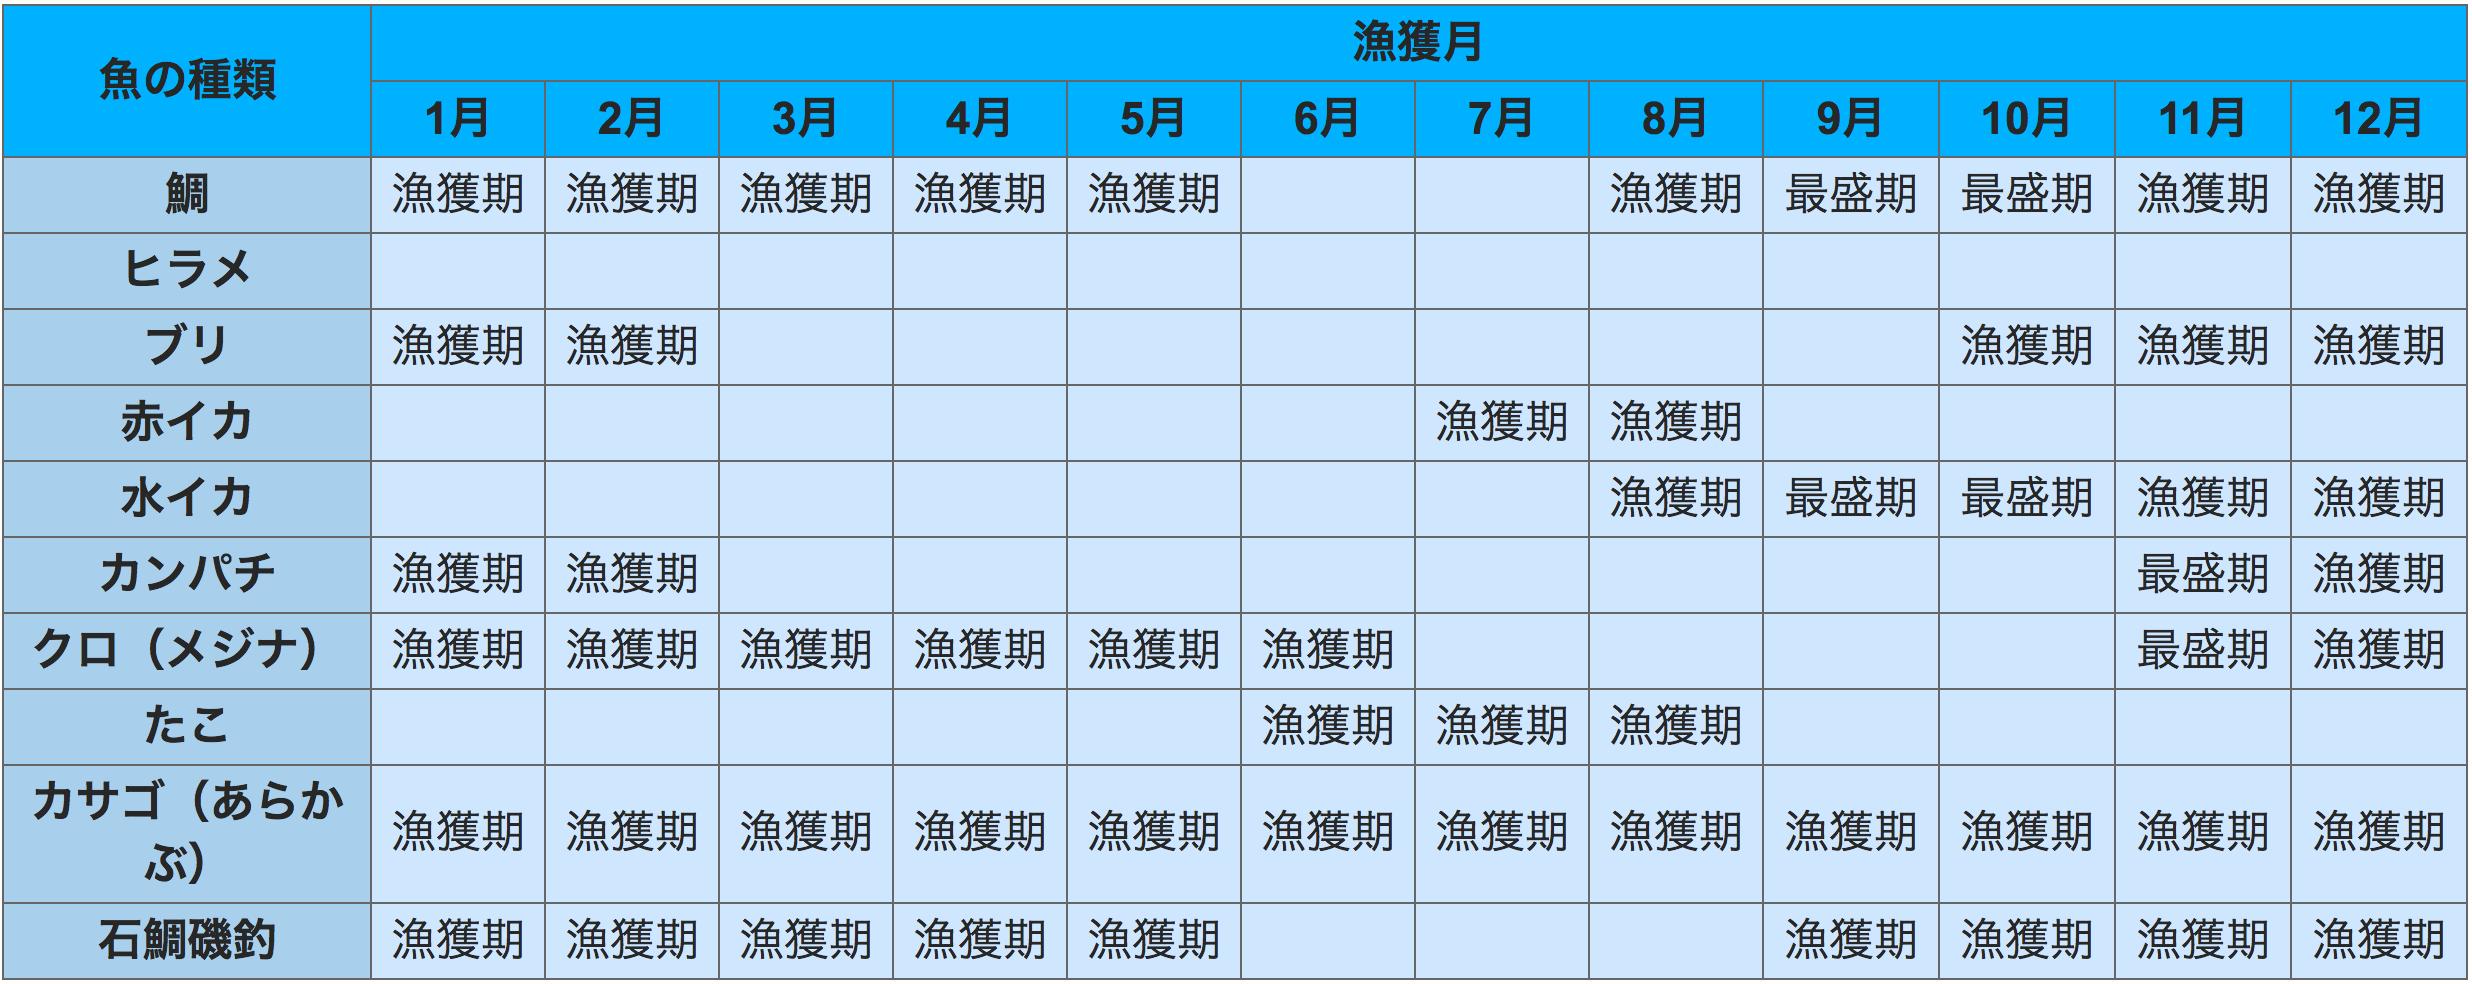 魚の種類と漁獲月のカレンダー